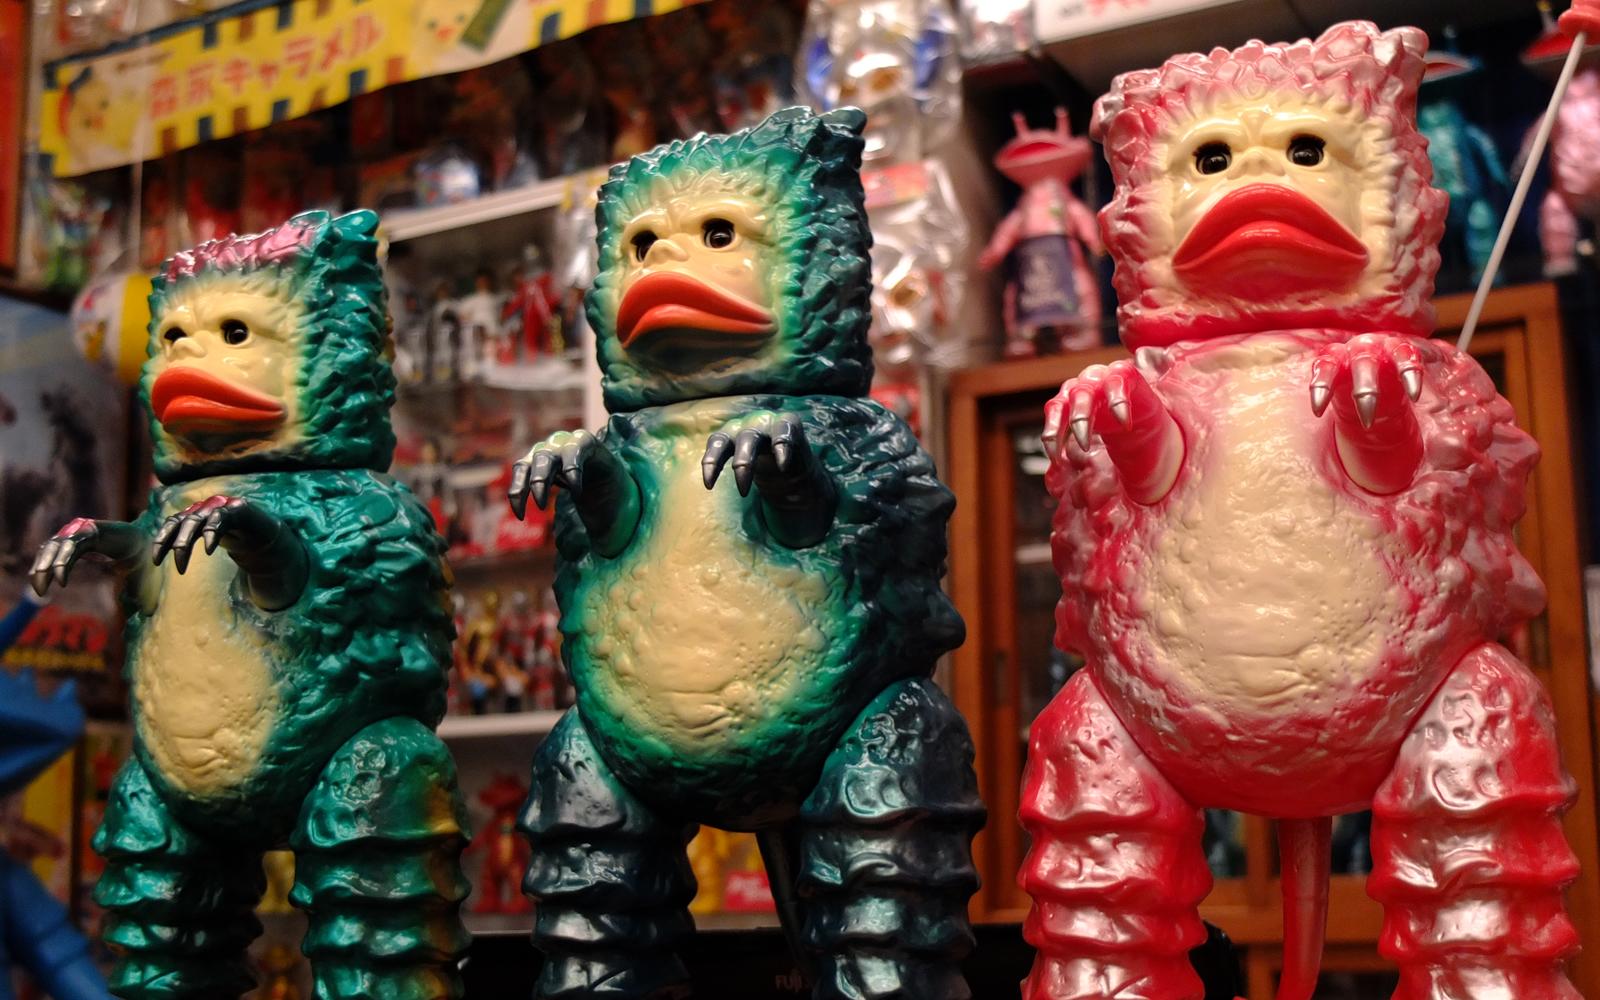 大人も子供も楽しめる、新潟の小さなおもちゃ屋さんです。